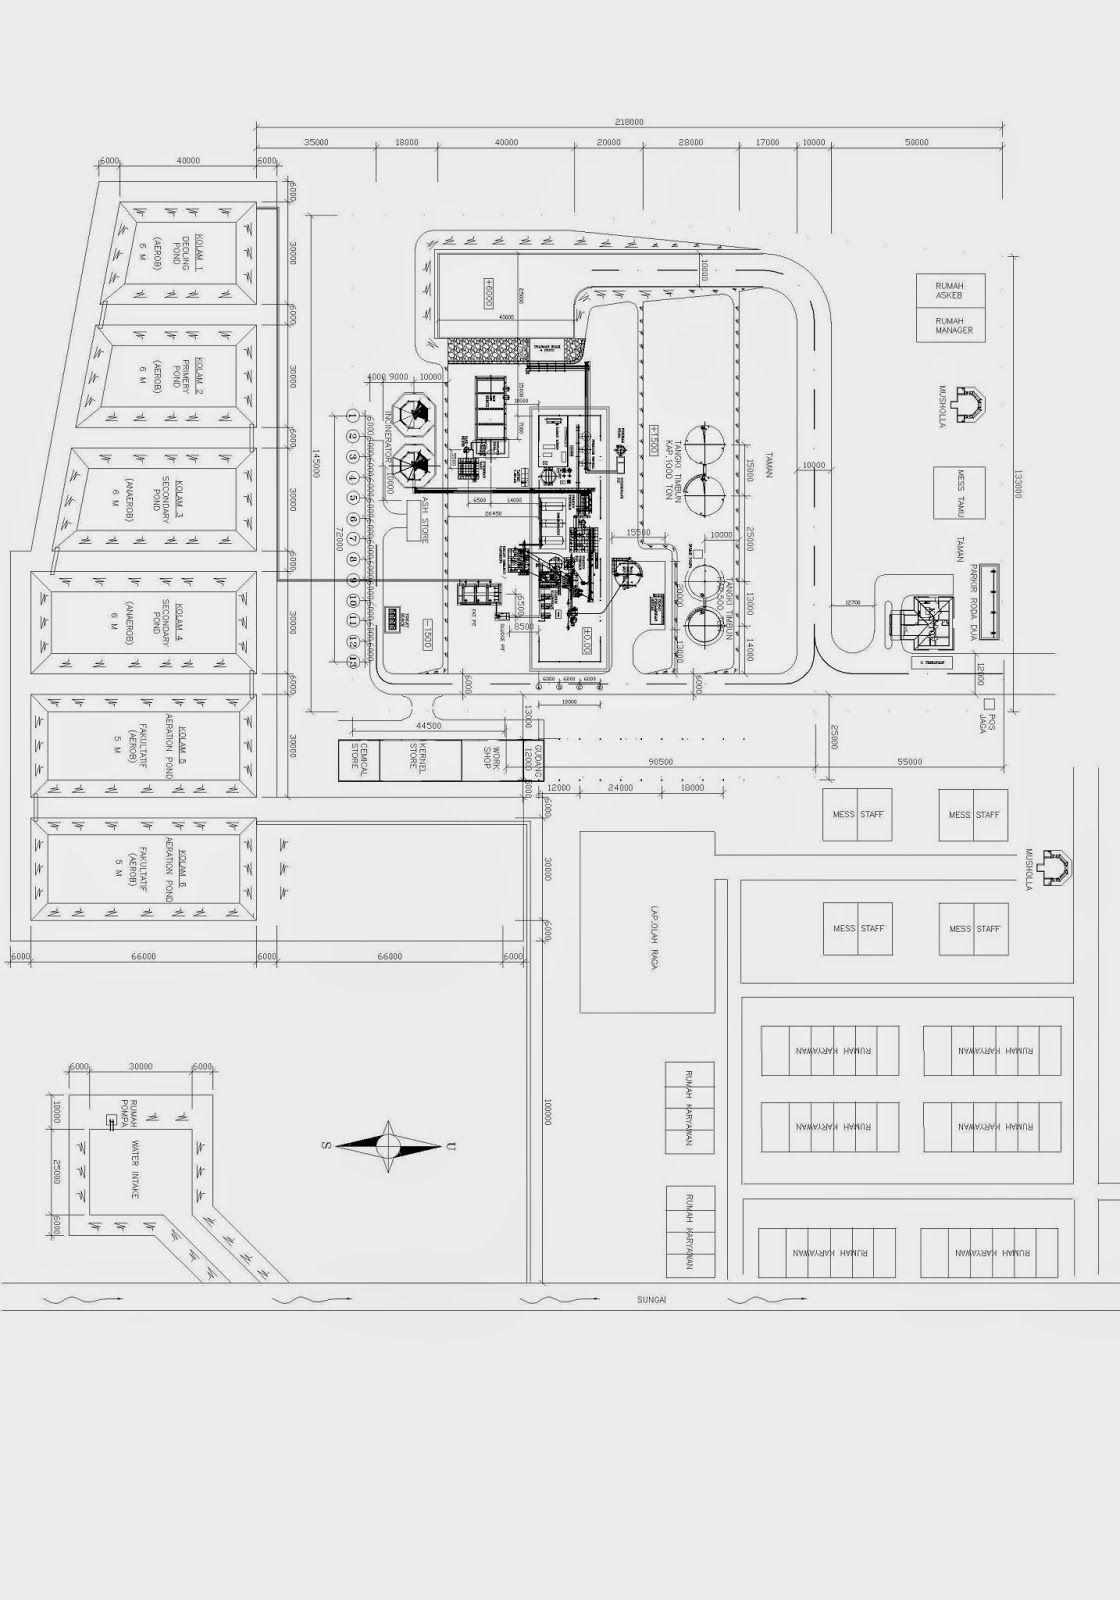 Lahan Industri The Plan Perencanaan Arsitektur